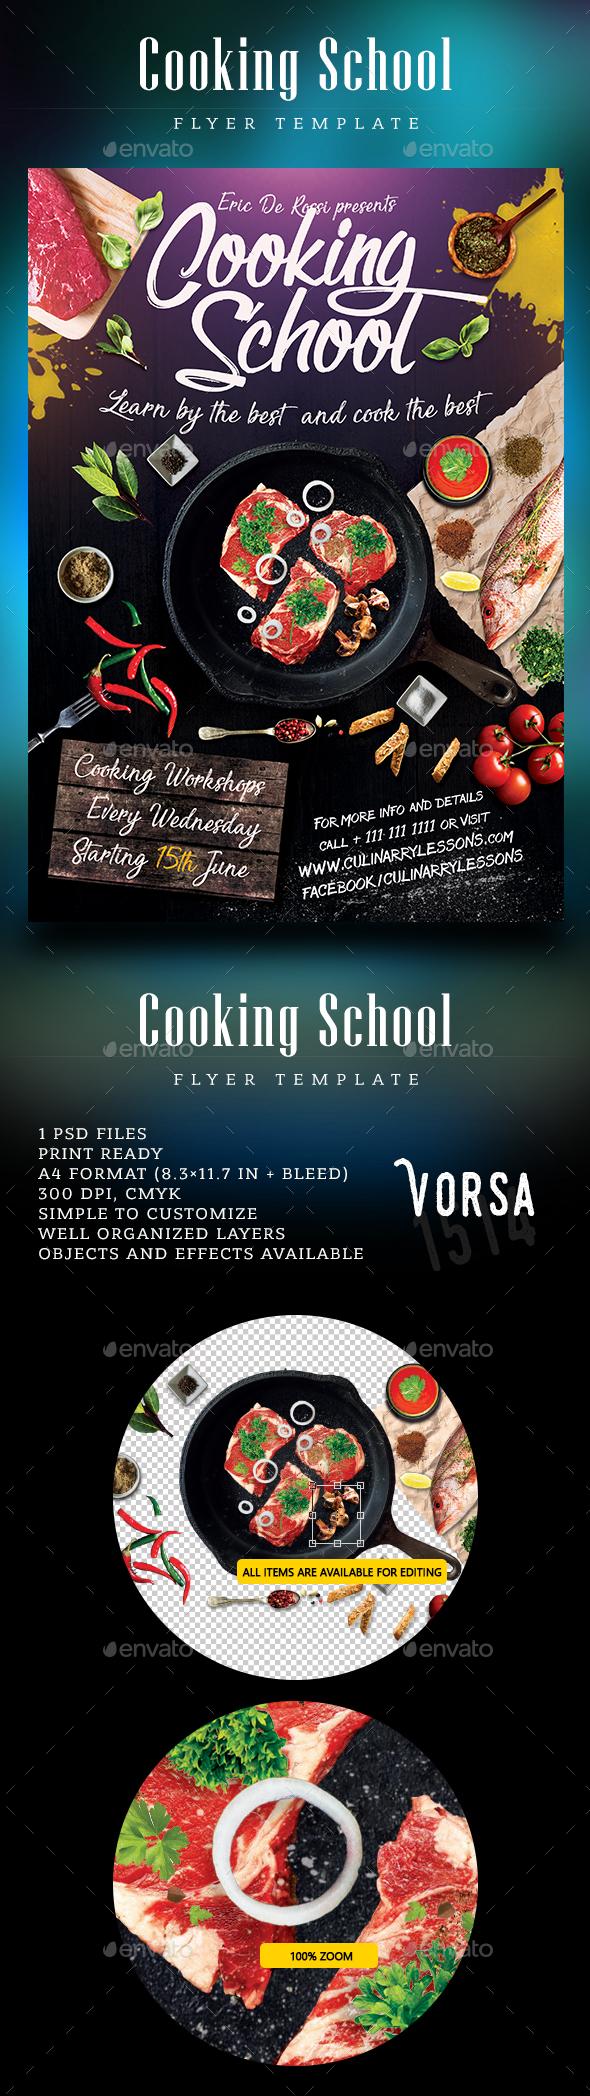 Cooking School Flyer - Restaurant Flyers